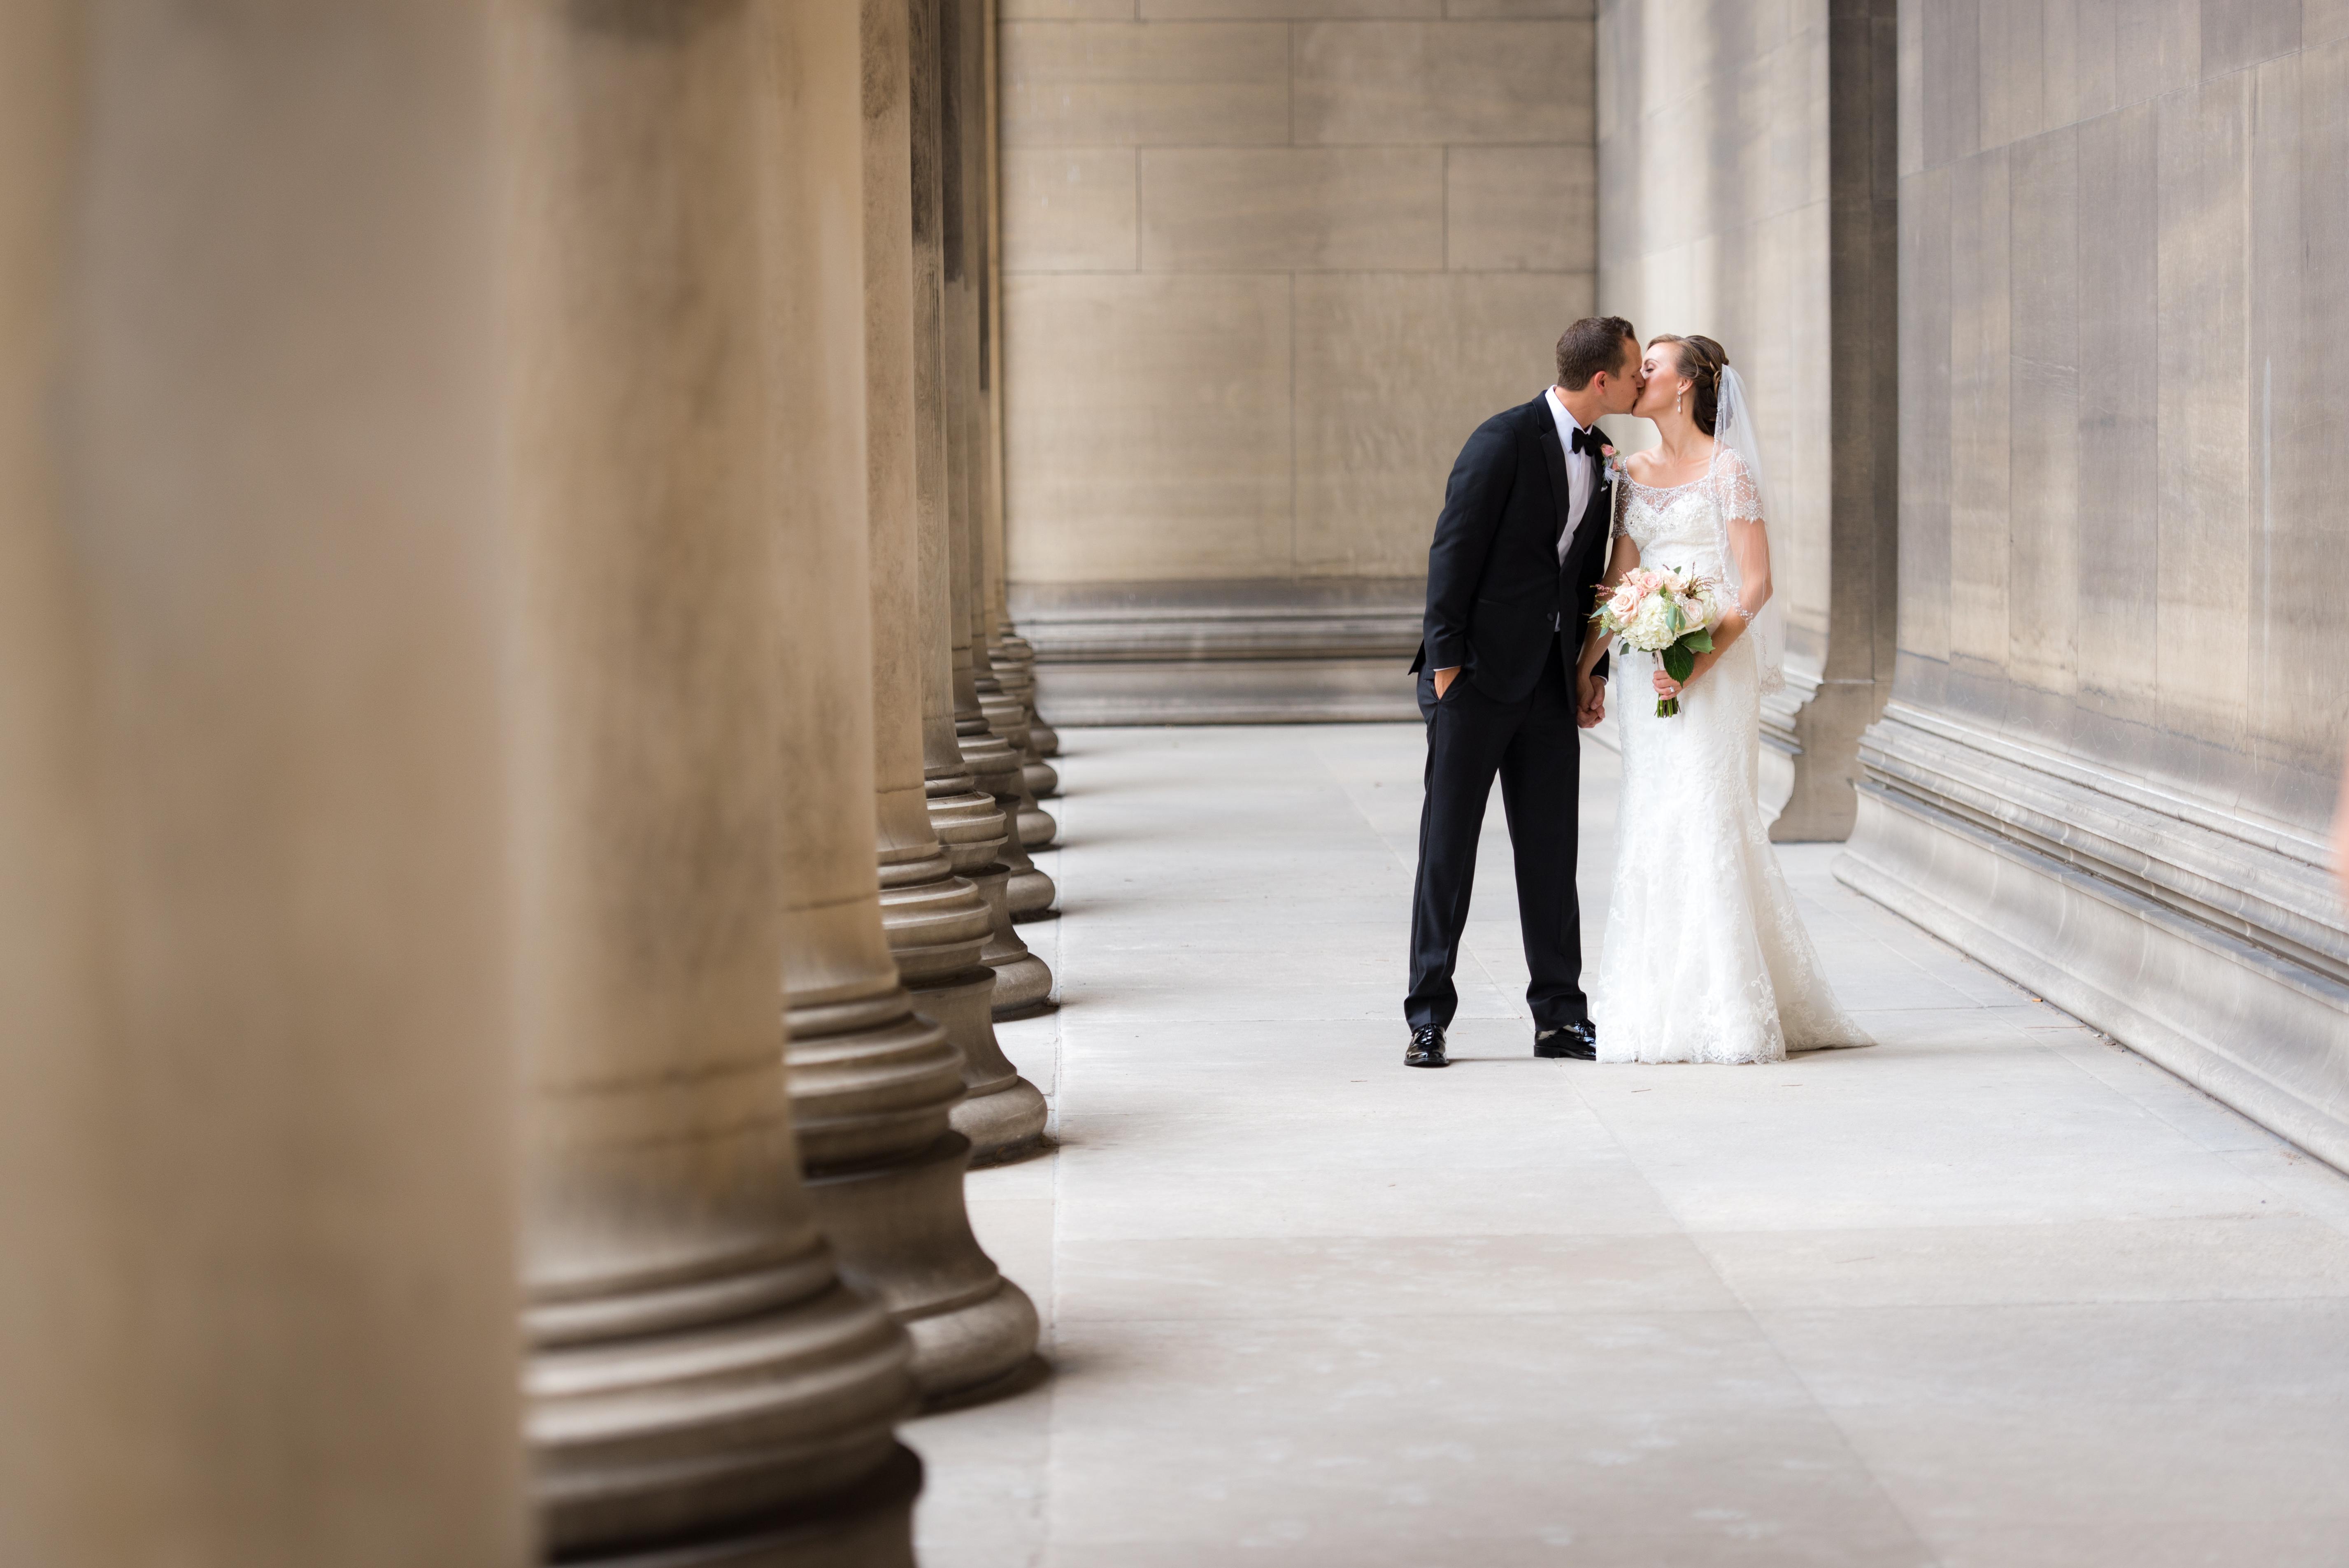 wedding-photo-pittsburgh25